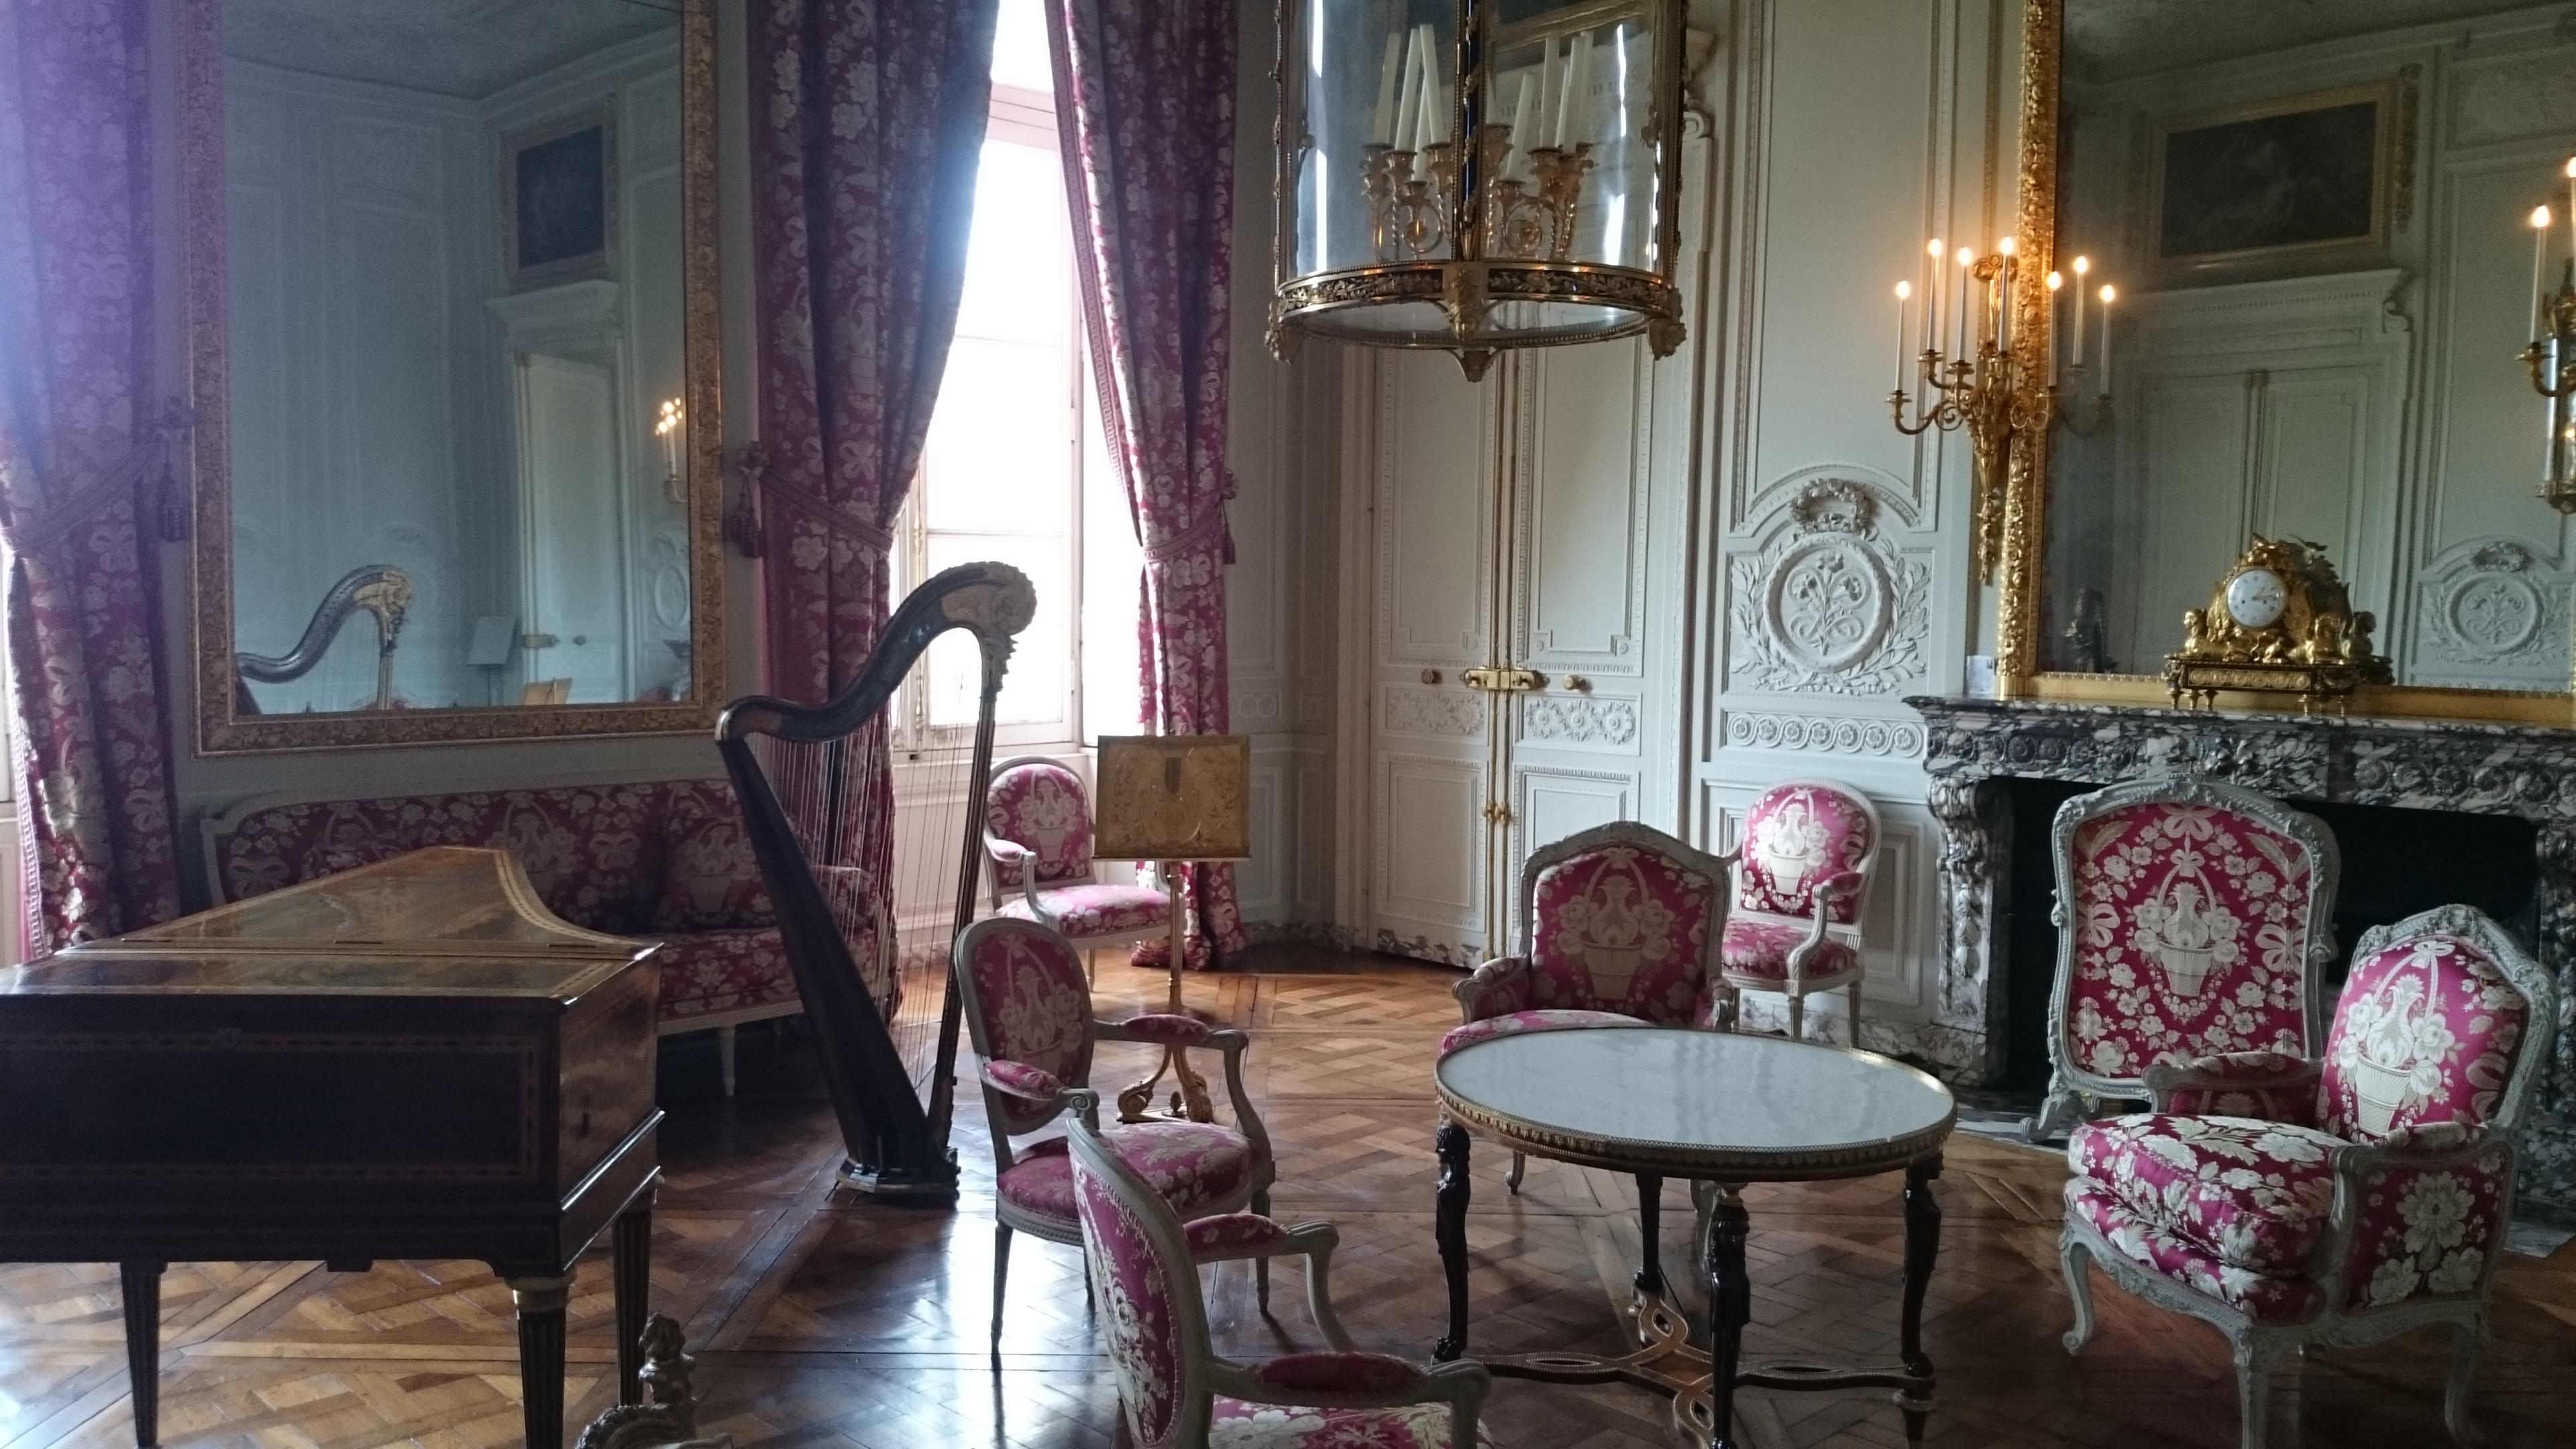 dsc 1273 - Visita al Palacio de Versalles: Como ir, cuanto cuesta y tips II/III